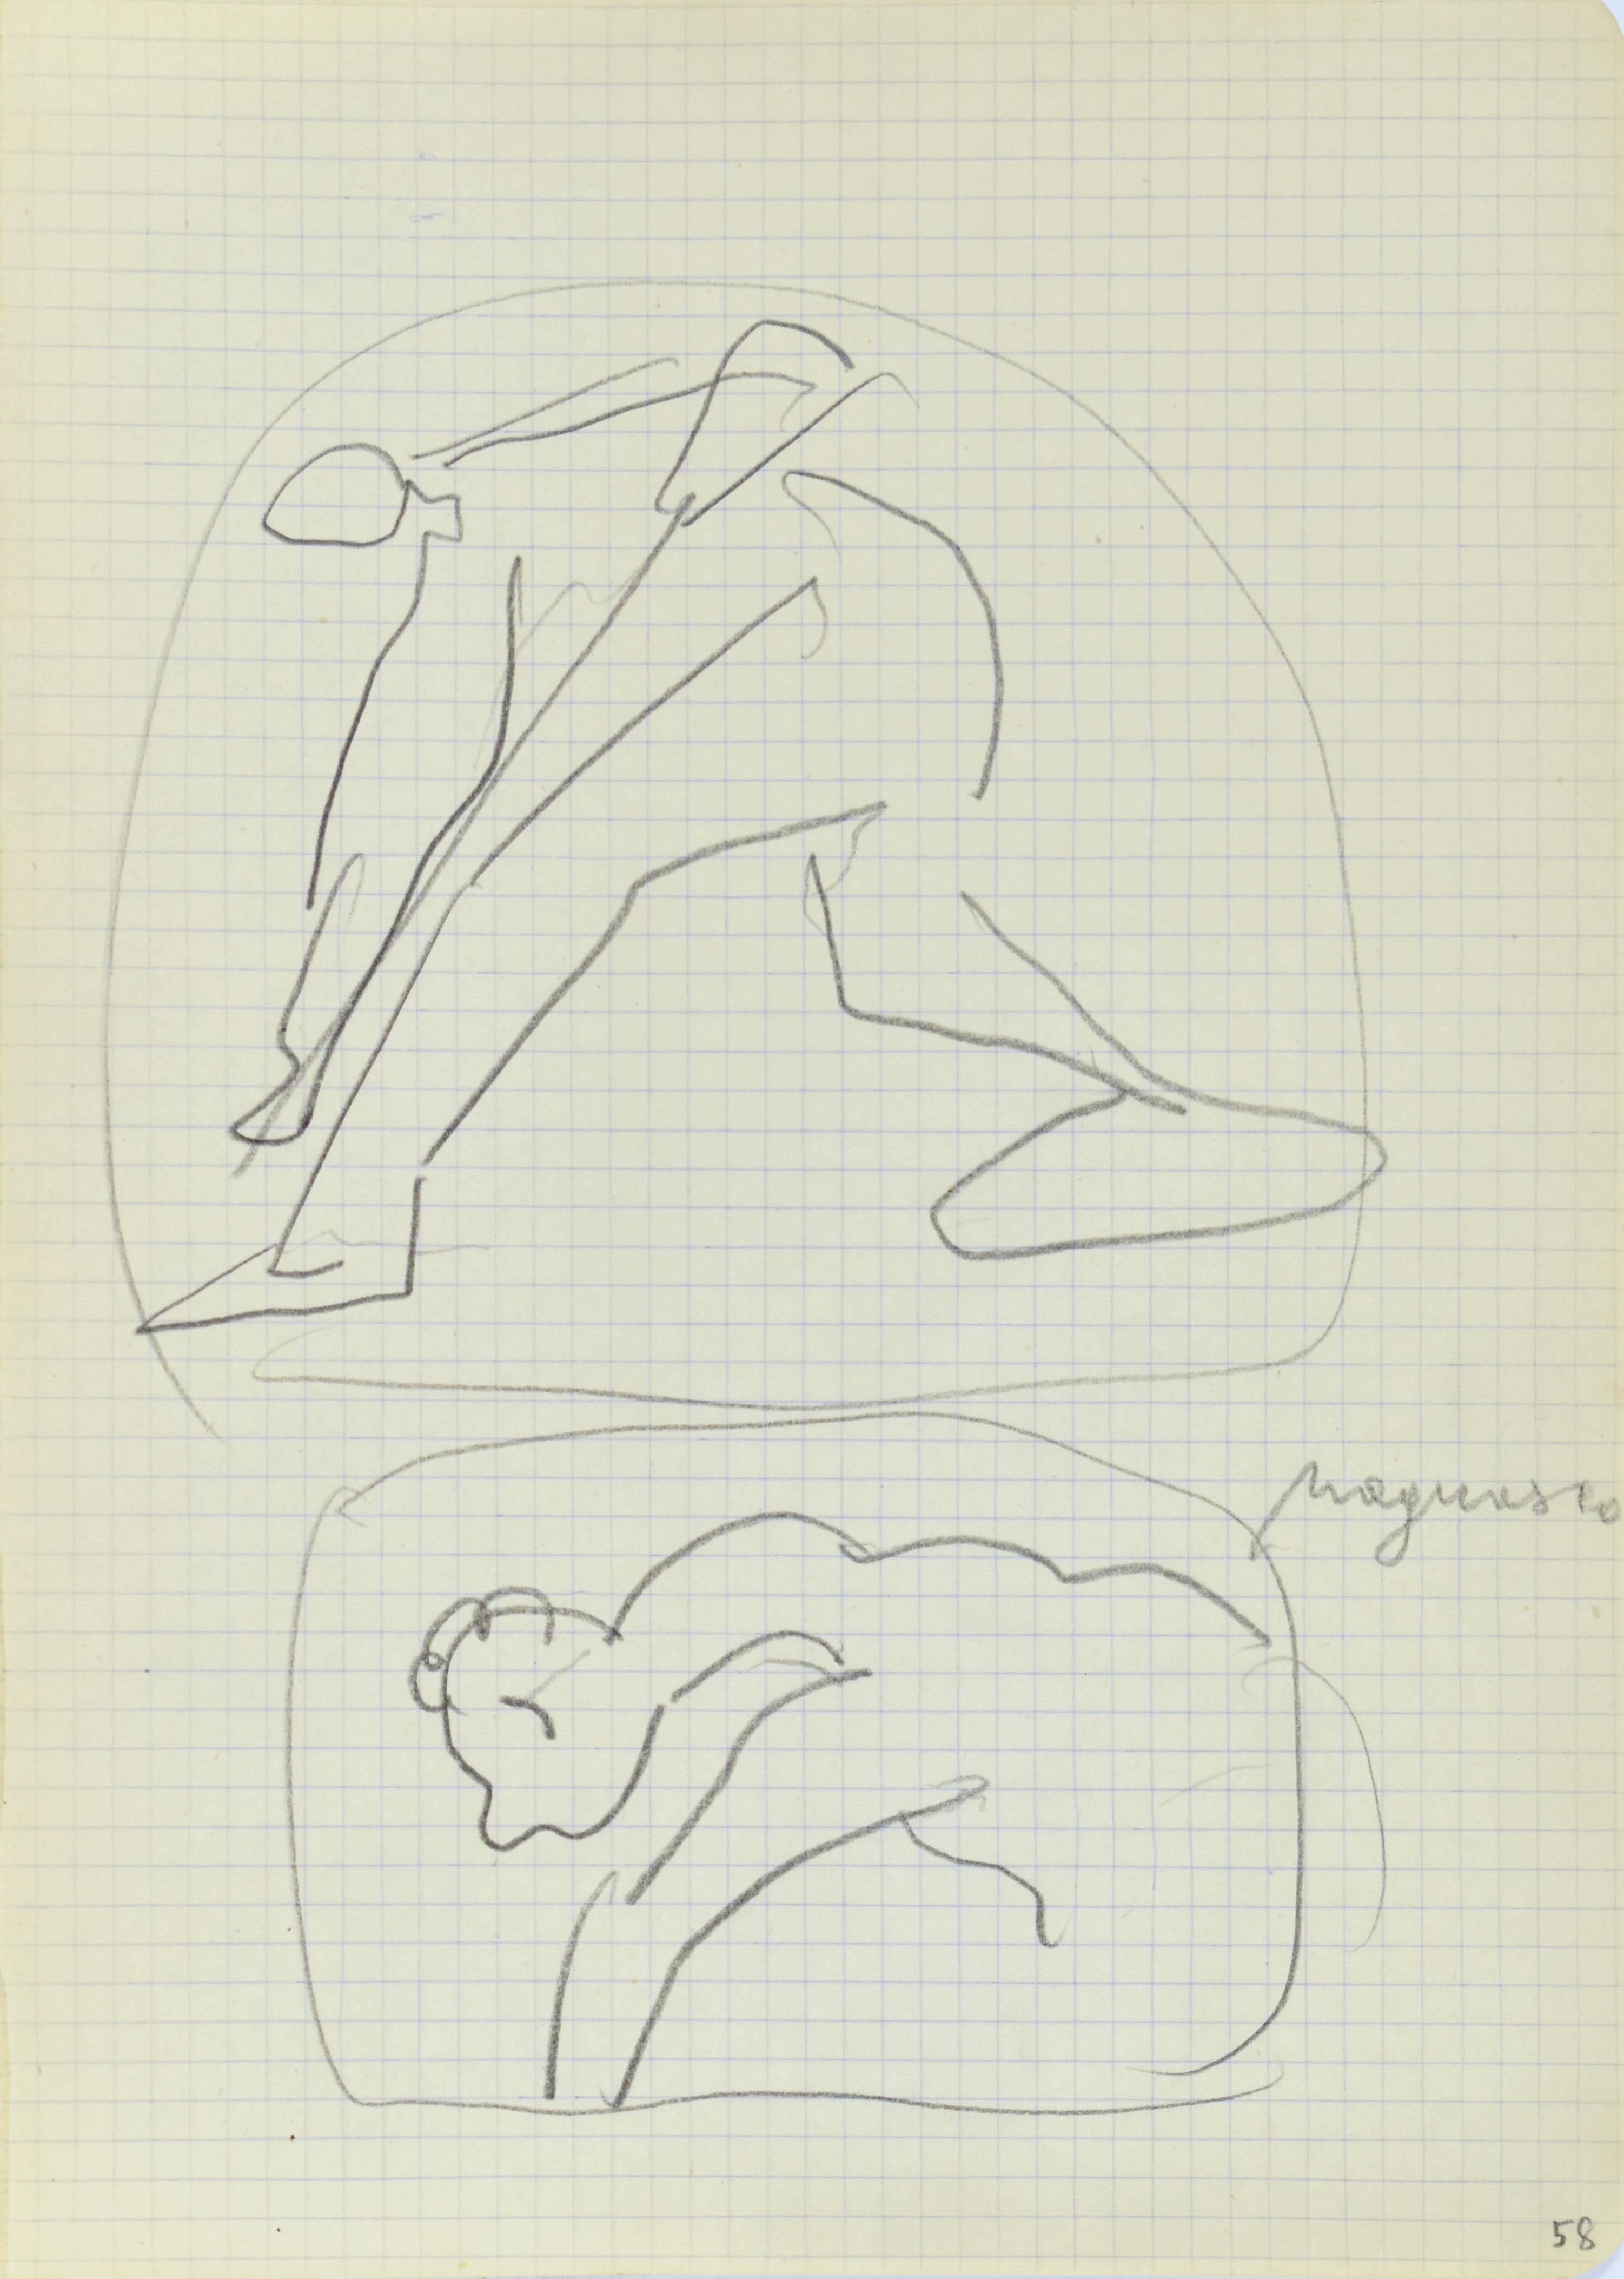 Szkice z dawnego malarstwa – Magnasco, 2 połowa 1969 r.